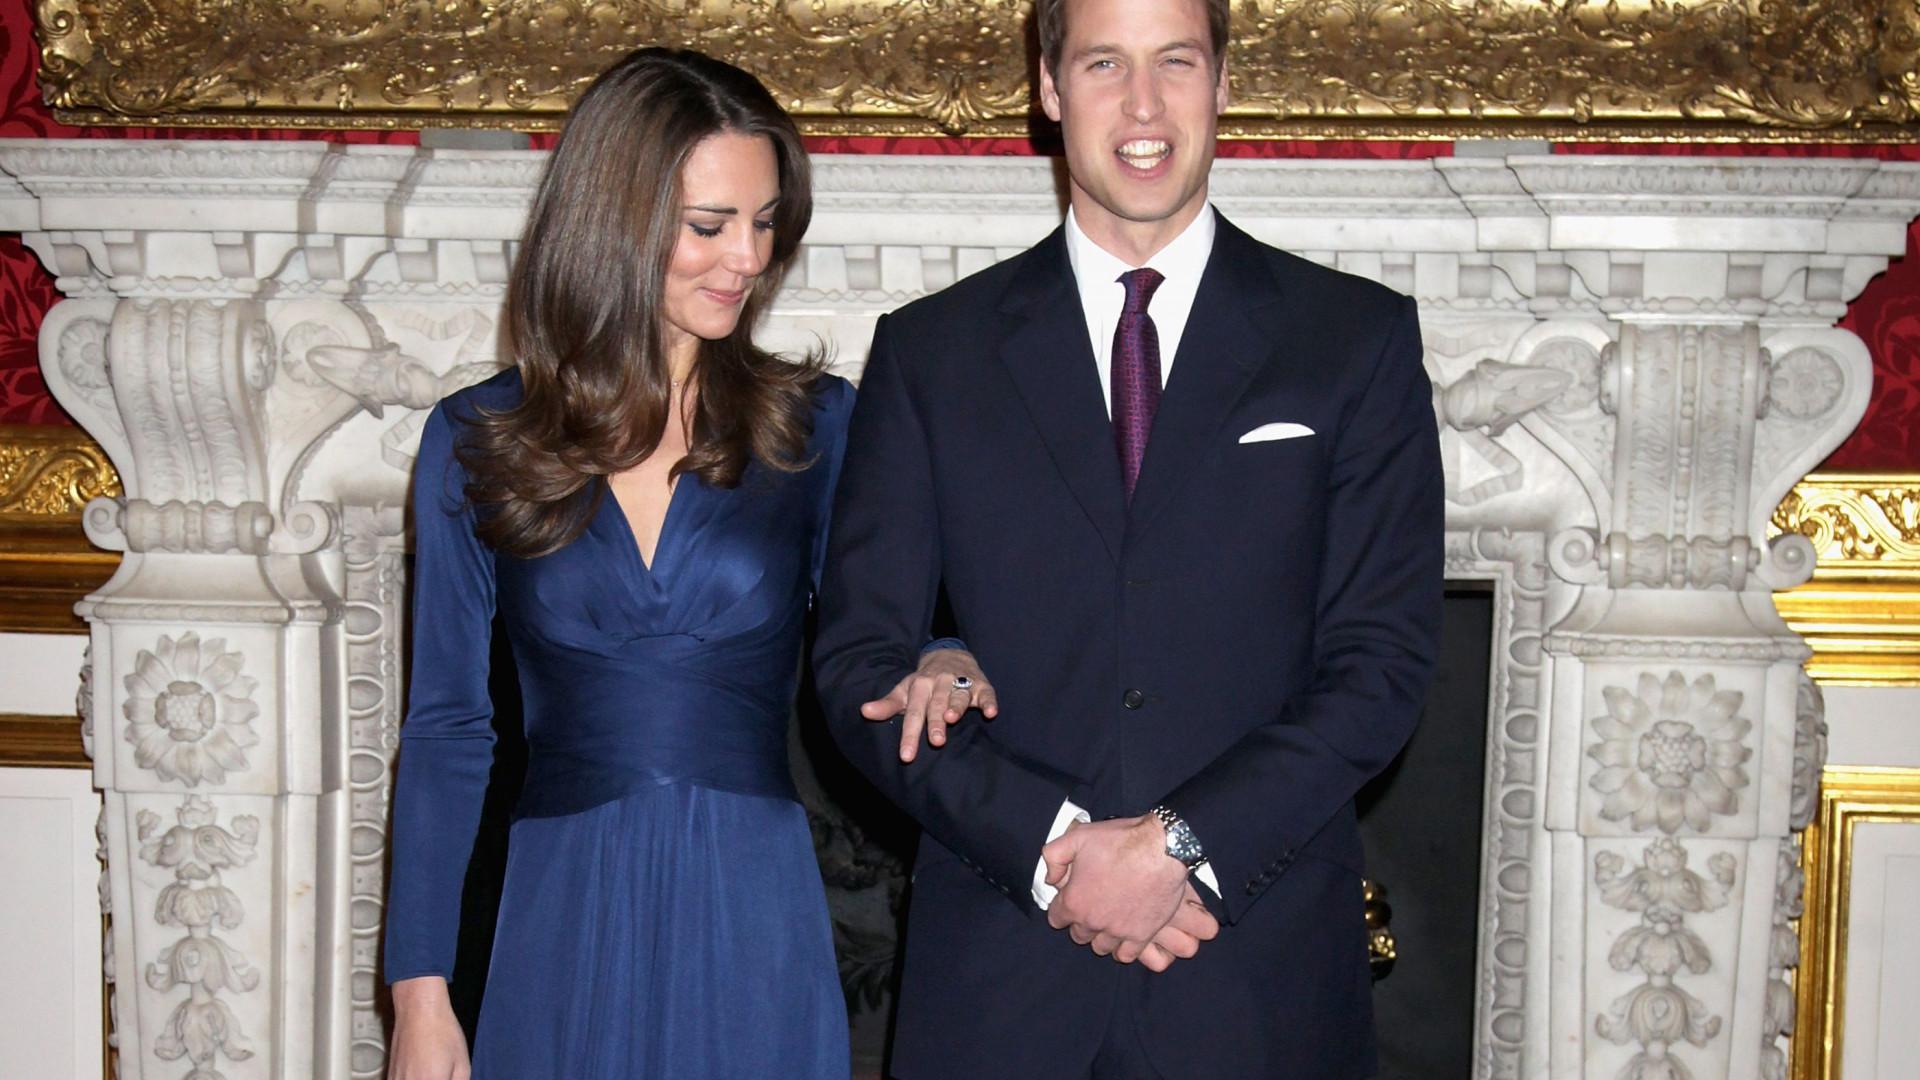 Antes de se casarem, William e Kate tiveram uma crise (e separaram-se)